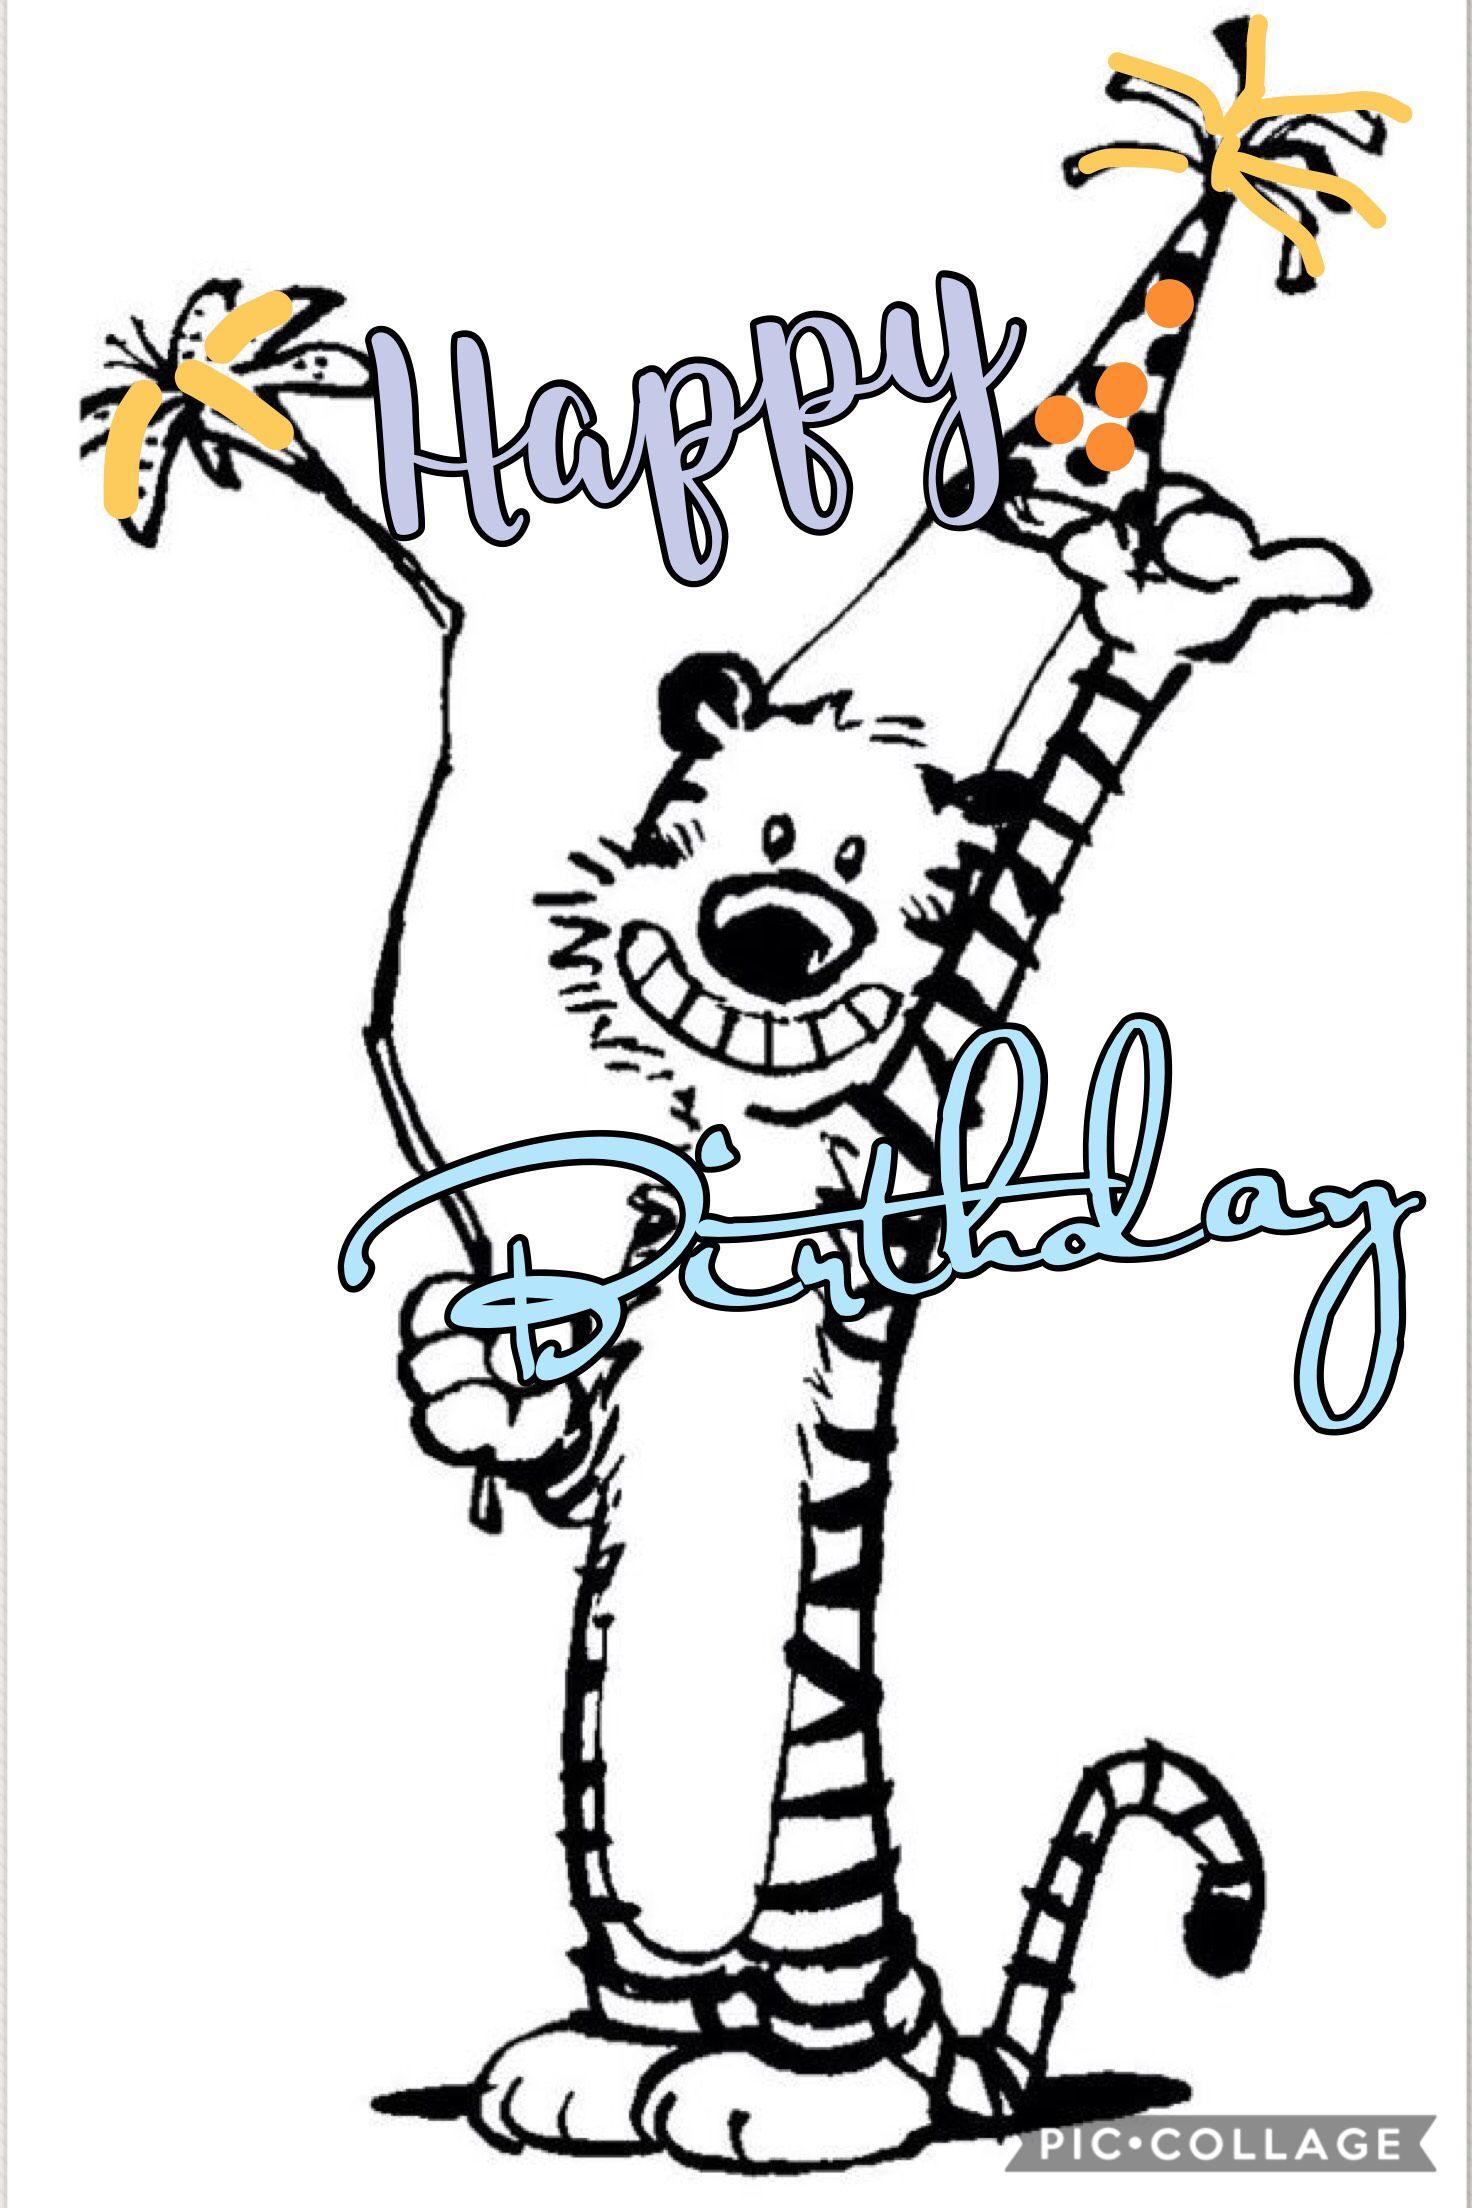 Pin by darlene ford on happy birthday pinterest happy birthday